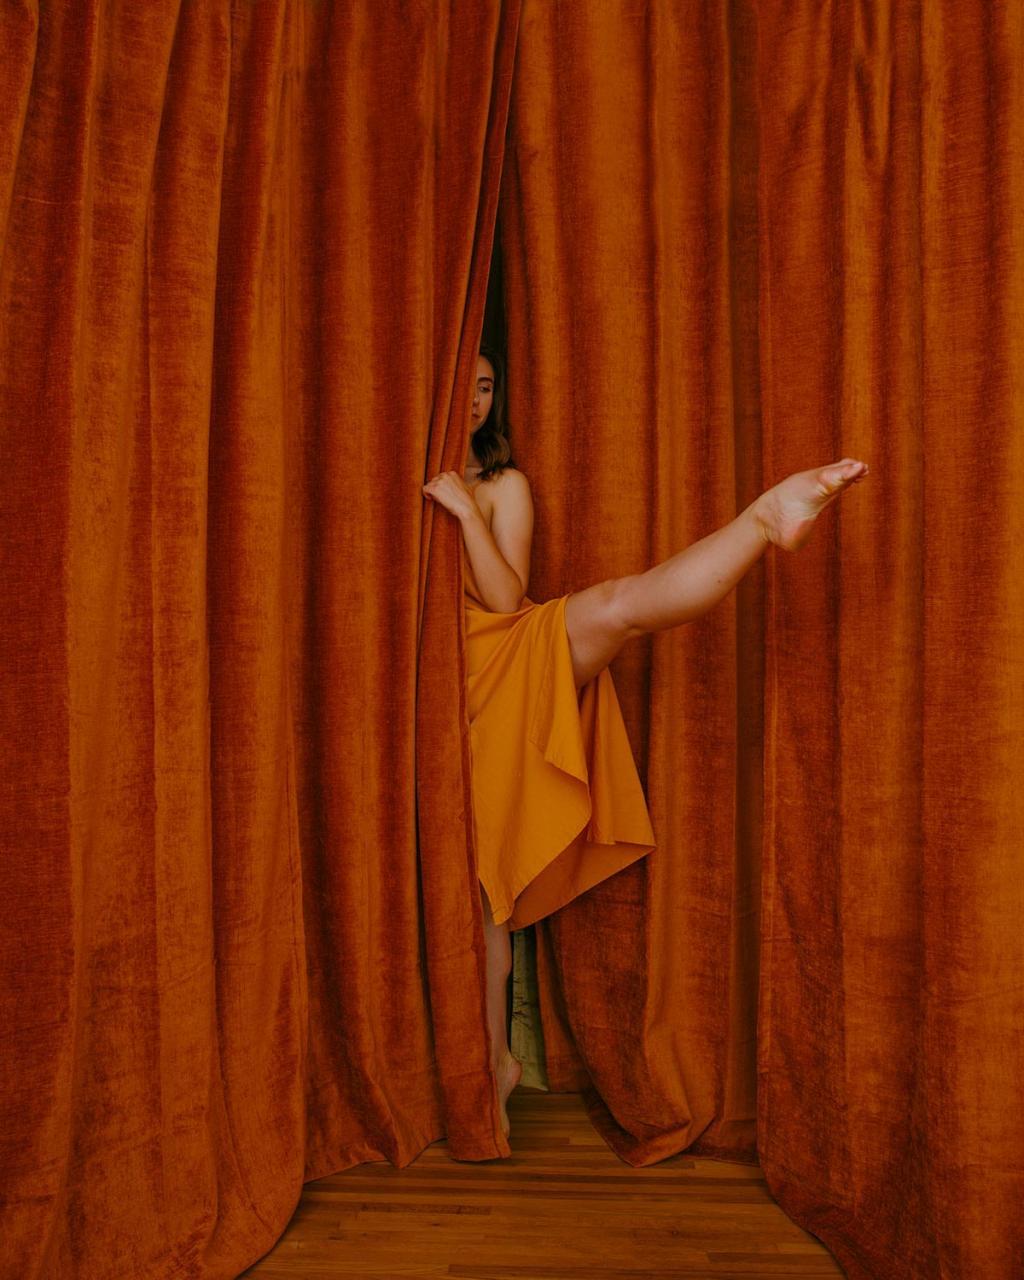 摄影史 Monika Ottehenning 摄影作品【Megan】 时尚图库 第7张